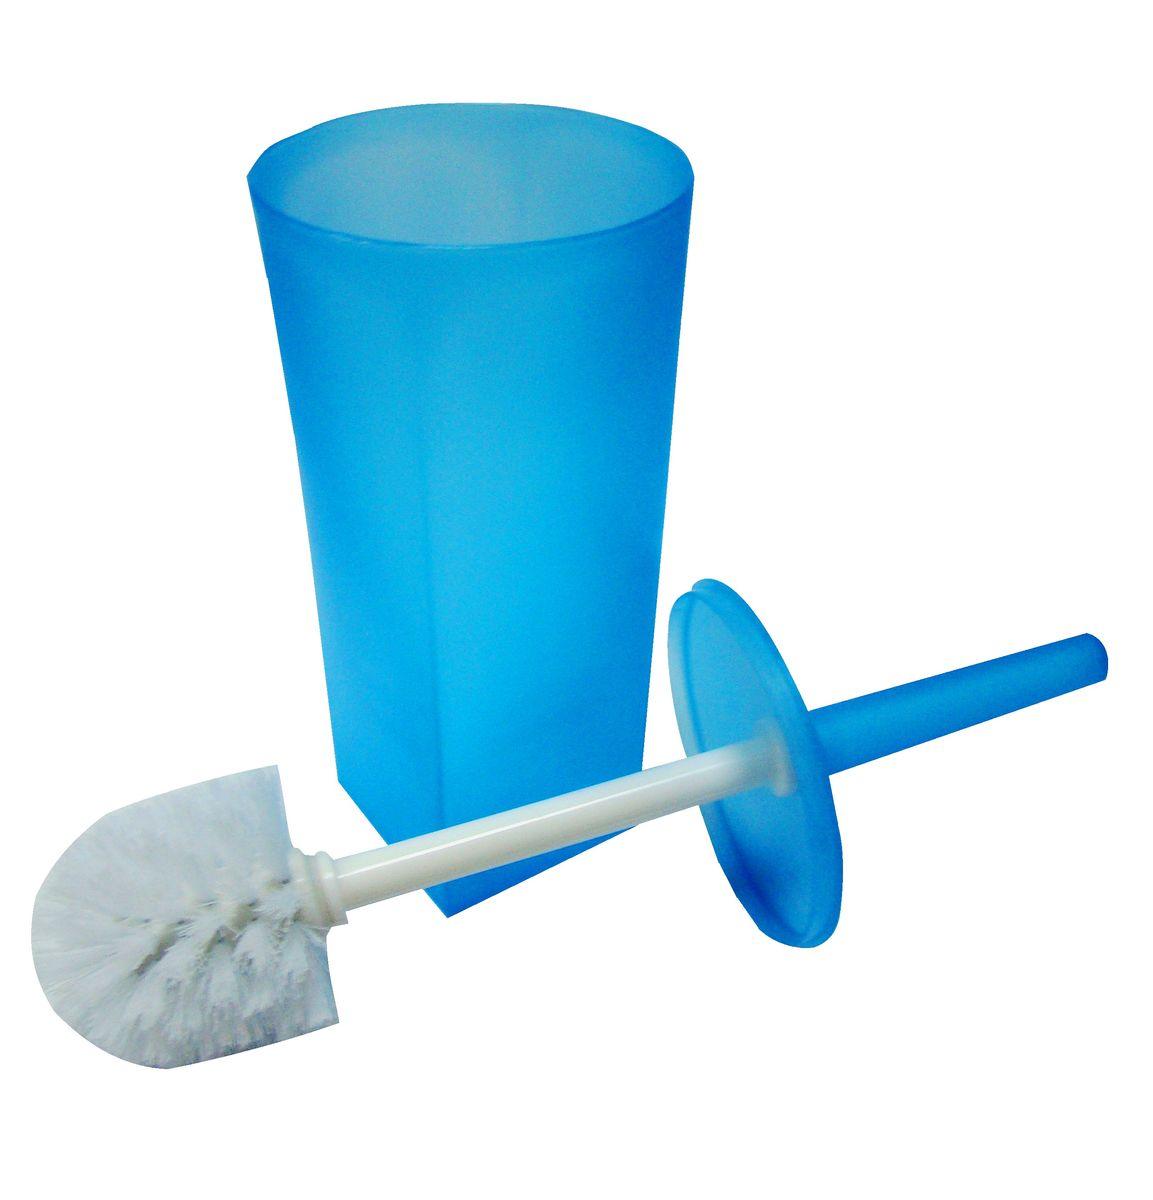 """Ершик для унитаза Vanstore """"Summer Blue""""  выполнен из пластика и оснащен жестким  ворсом. Подставка с устойчивым основанием не  позволяет ершику опрокинуться. Ершик отлично  чистит поверхность, а грязь с него легко смывается  водой. Стильный дизайн изделия притягивает взгляд и  прекрасно подойдет к интерьеру туалетной  комнаты."""